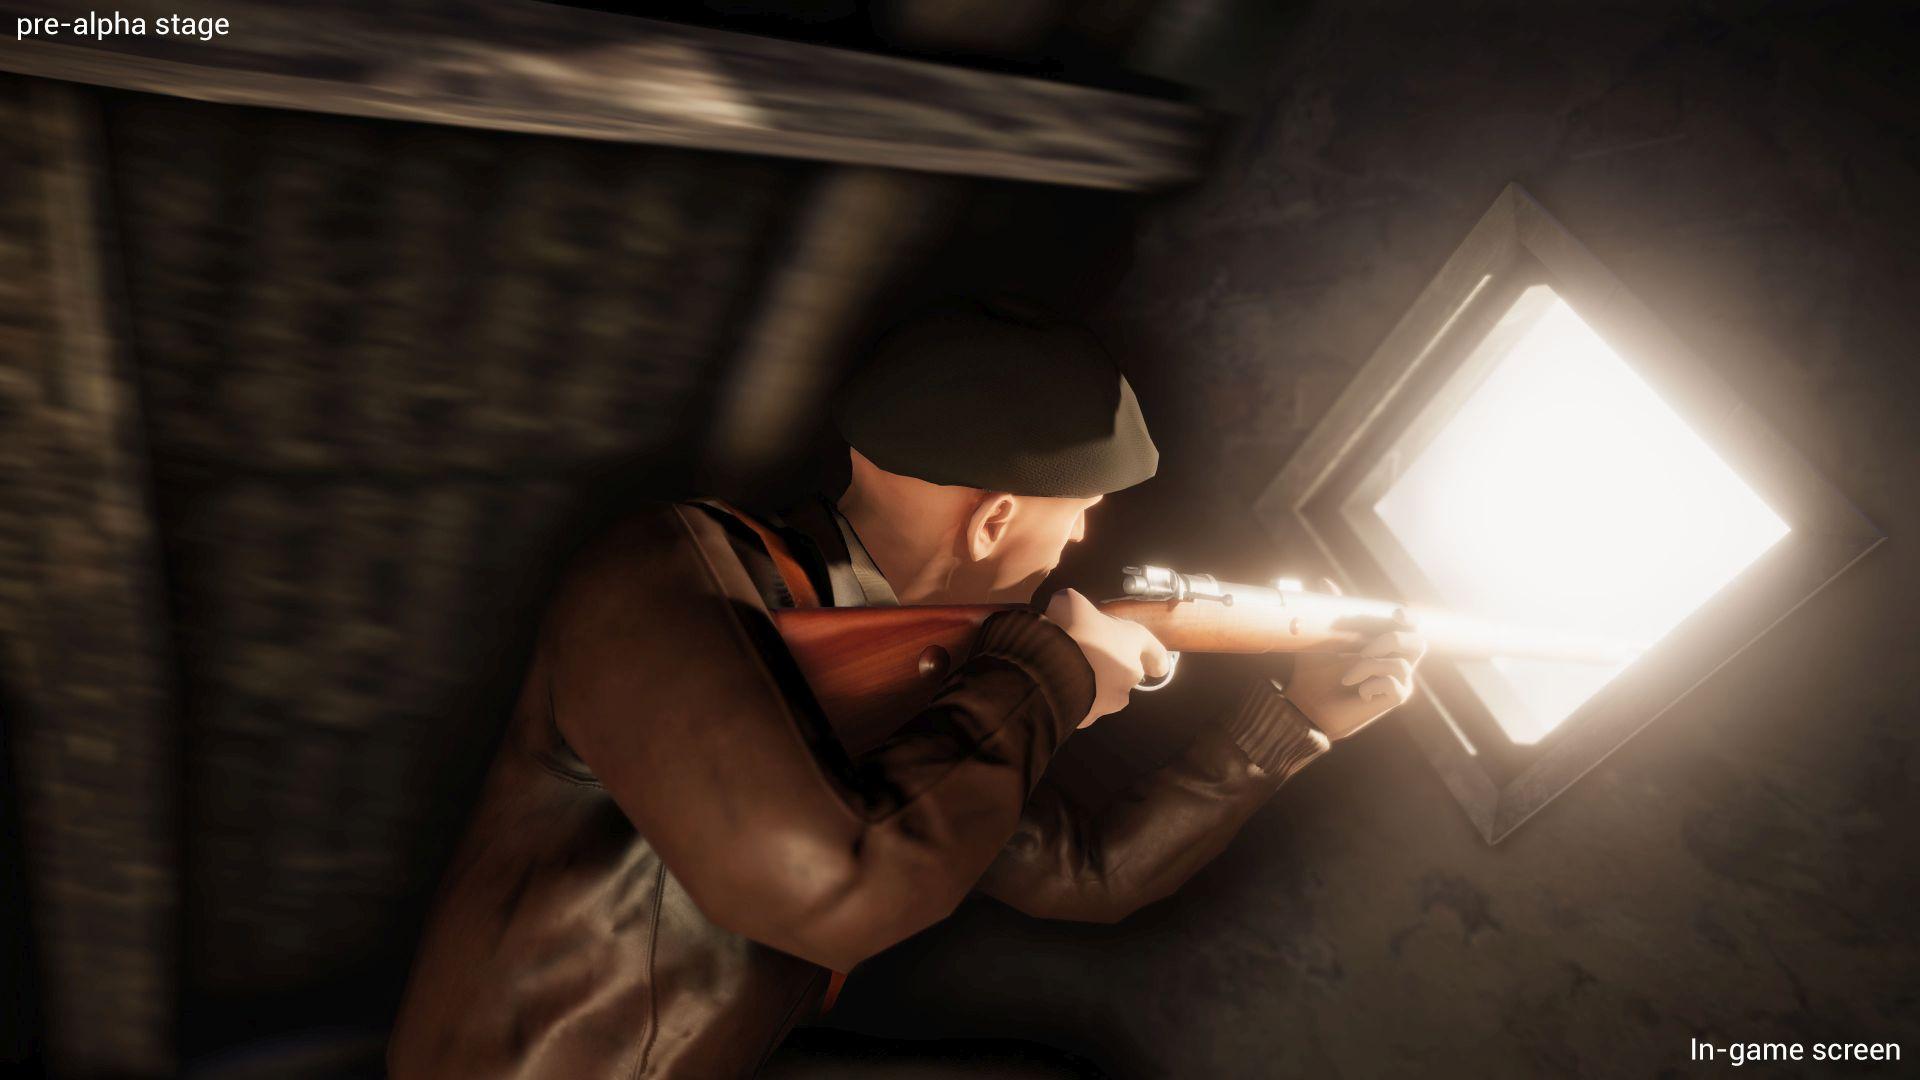 Shooter attic